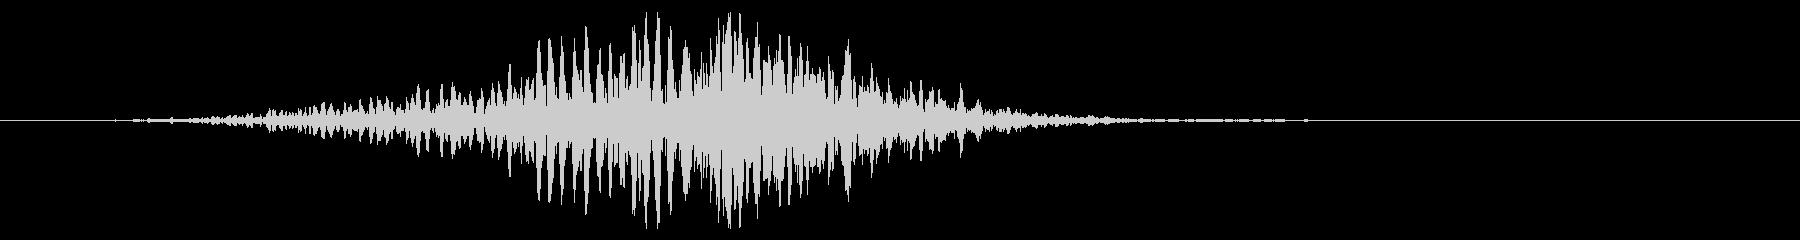 パワーエアラッシュウーシュの未再生の波形